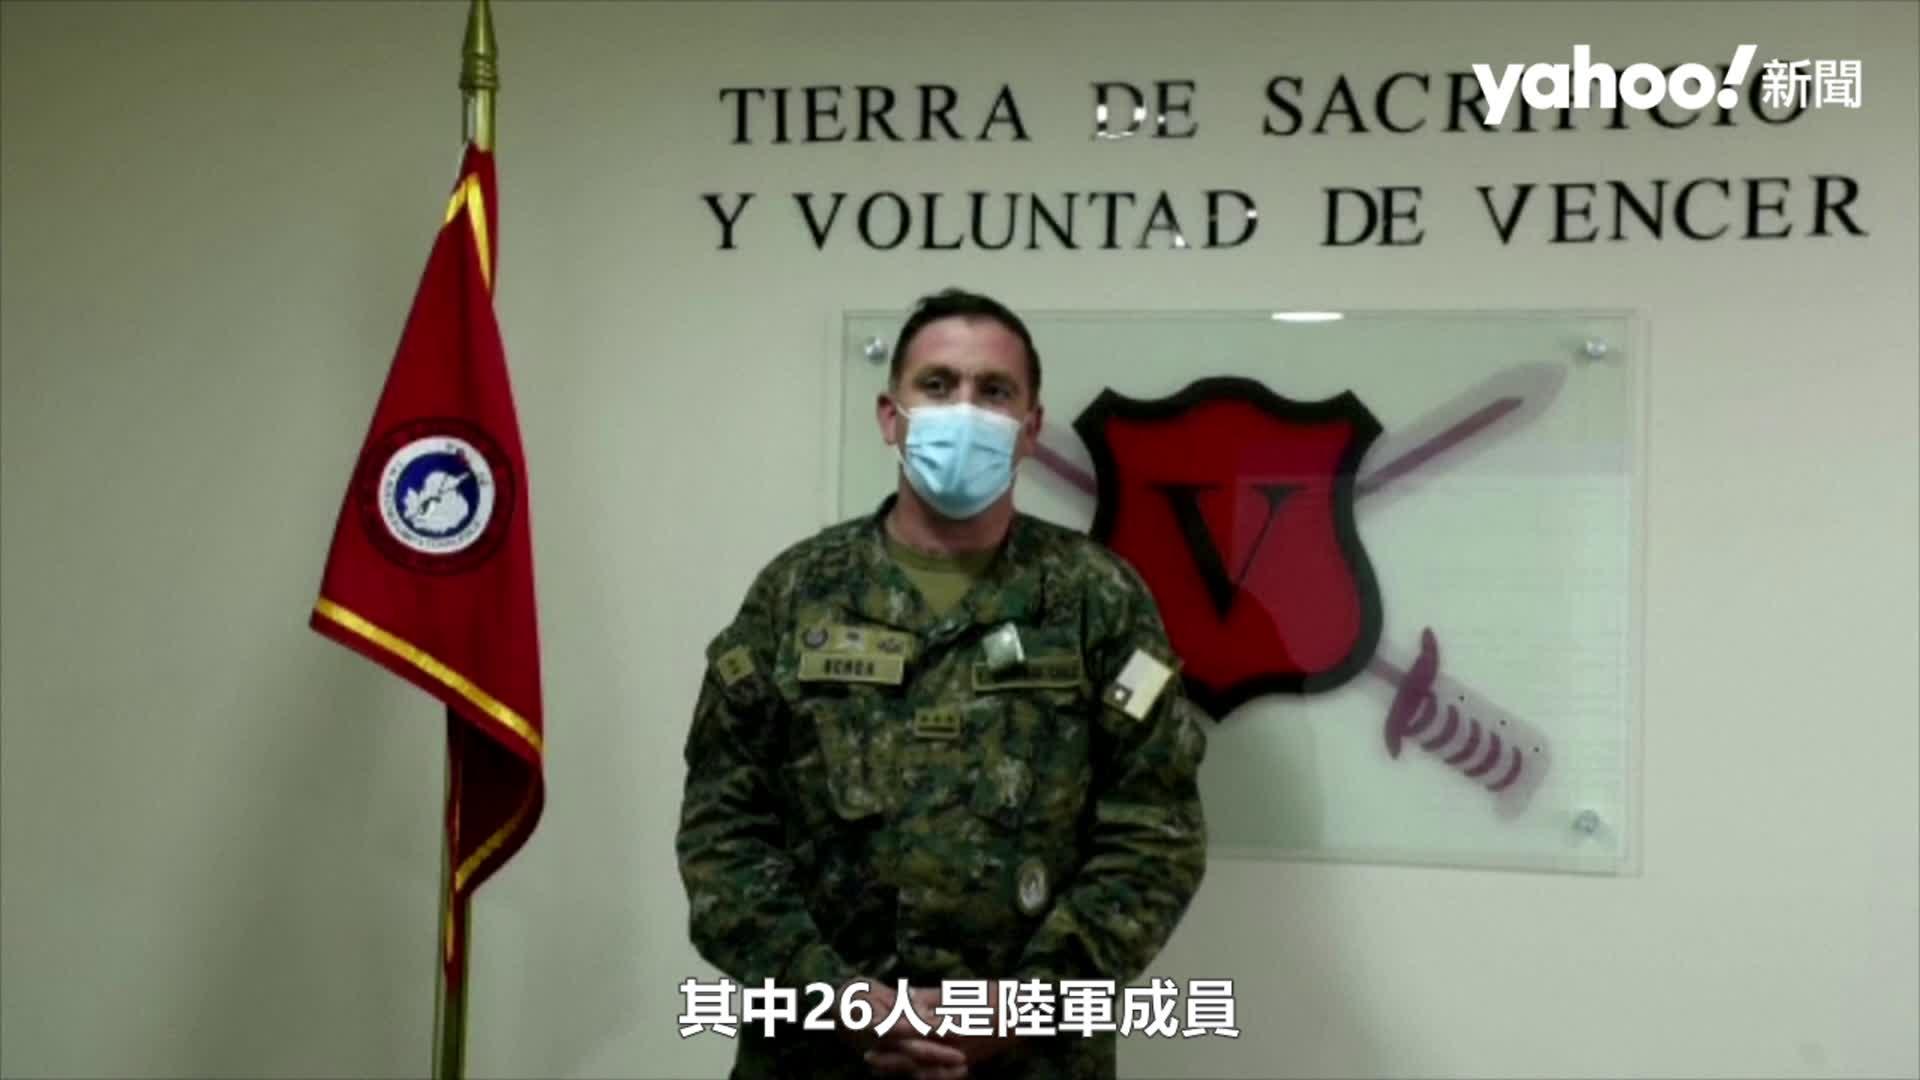 世界最後淨土淪陷!智利南極基地爆新冠肺炎疫情36人確診